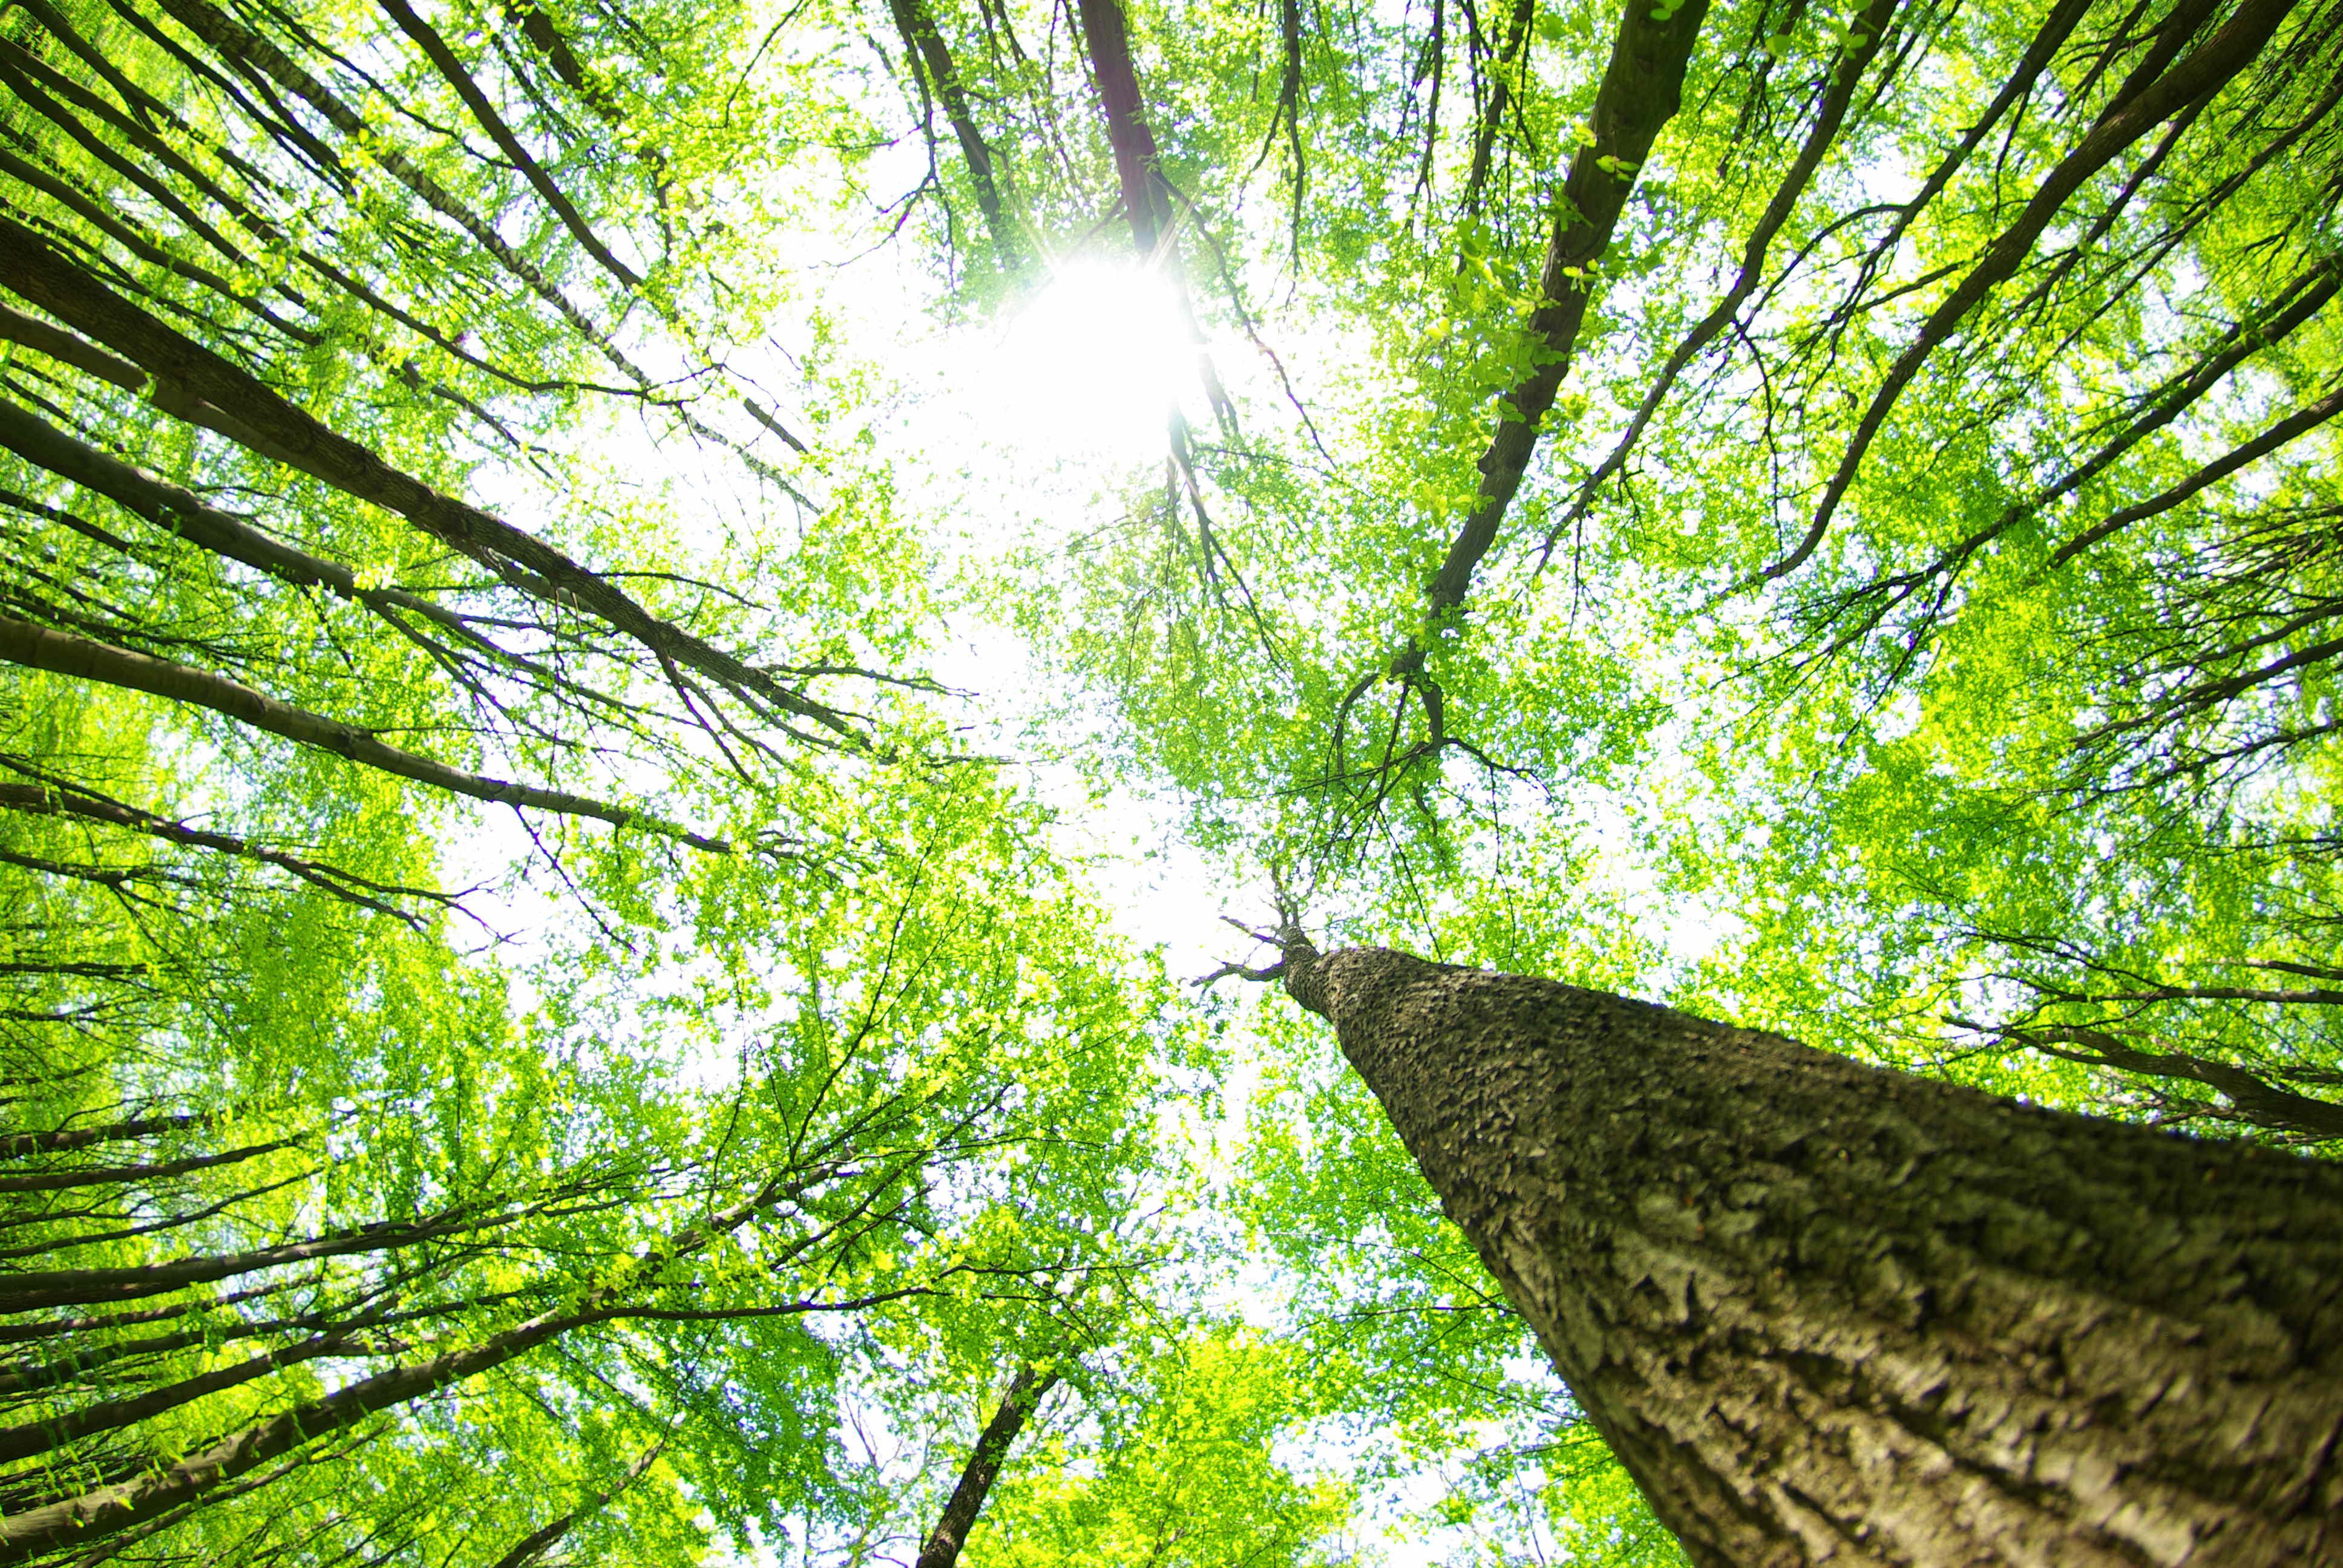 Saiba mais sobre o Objetivo de Desenvolvimento Sustentável 15